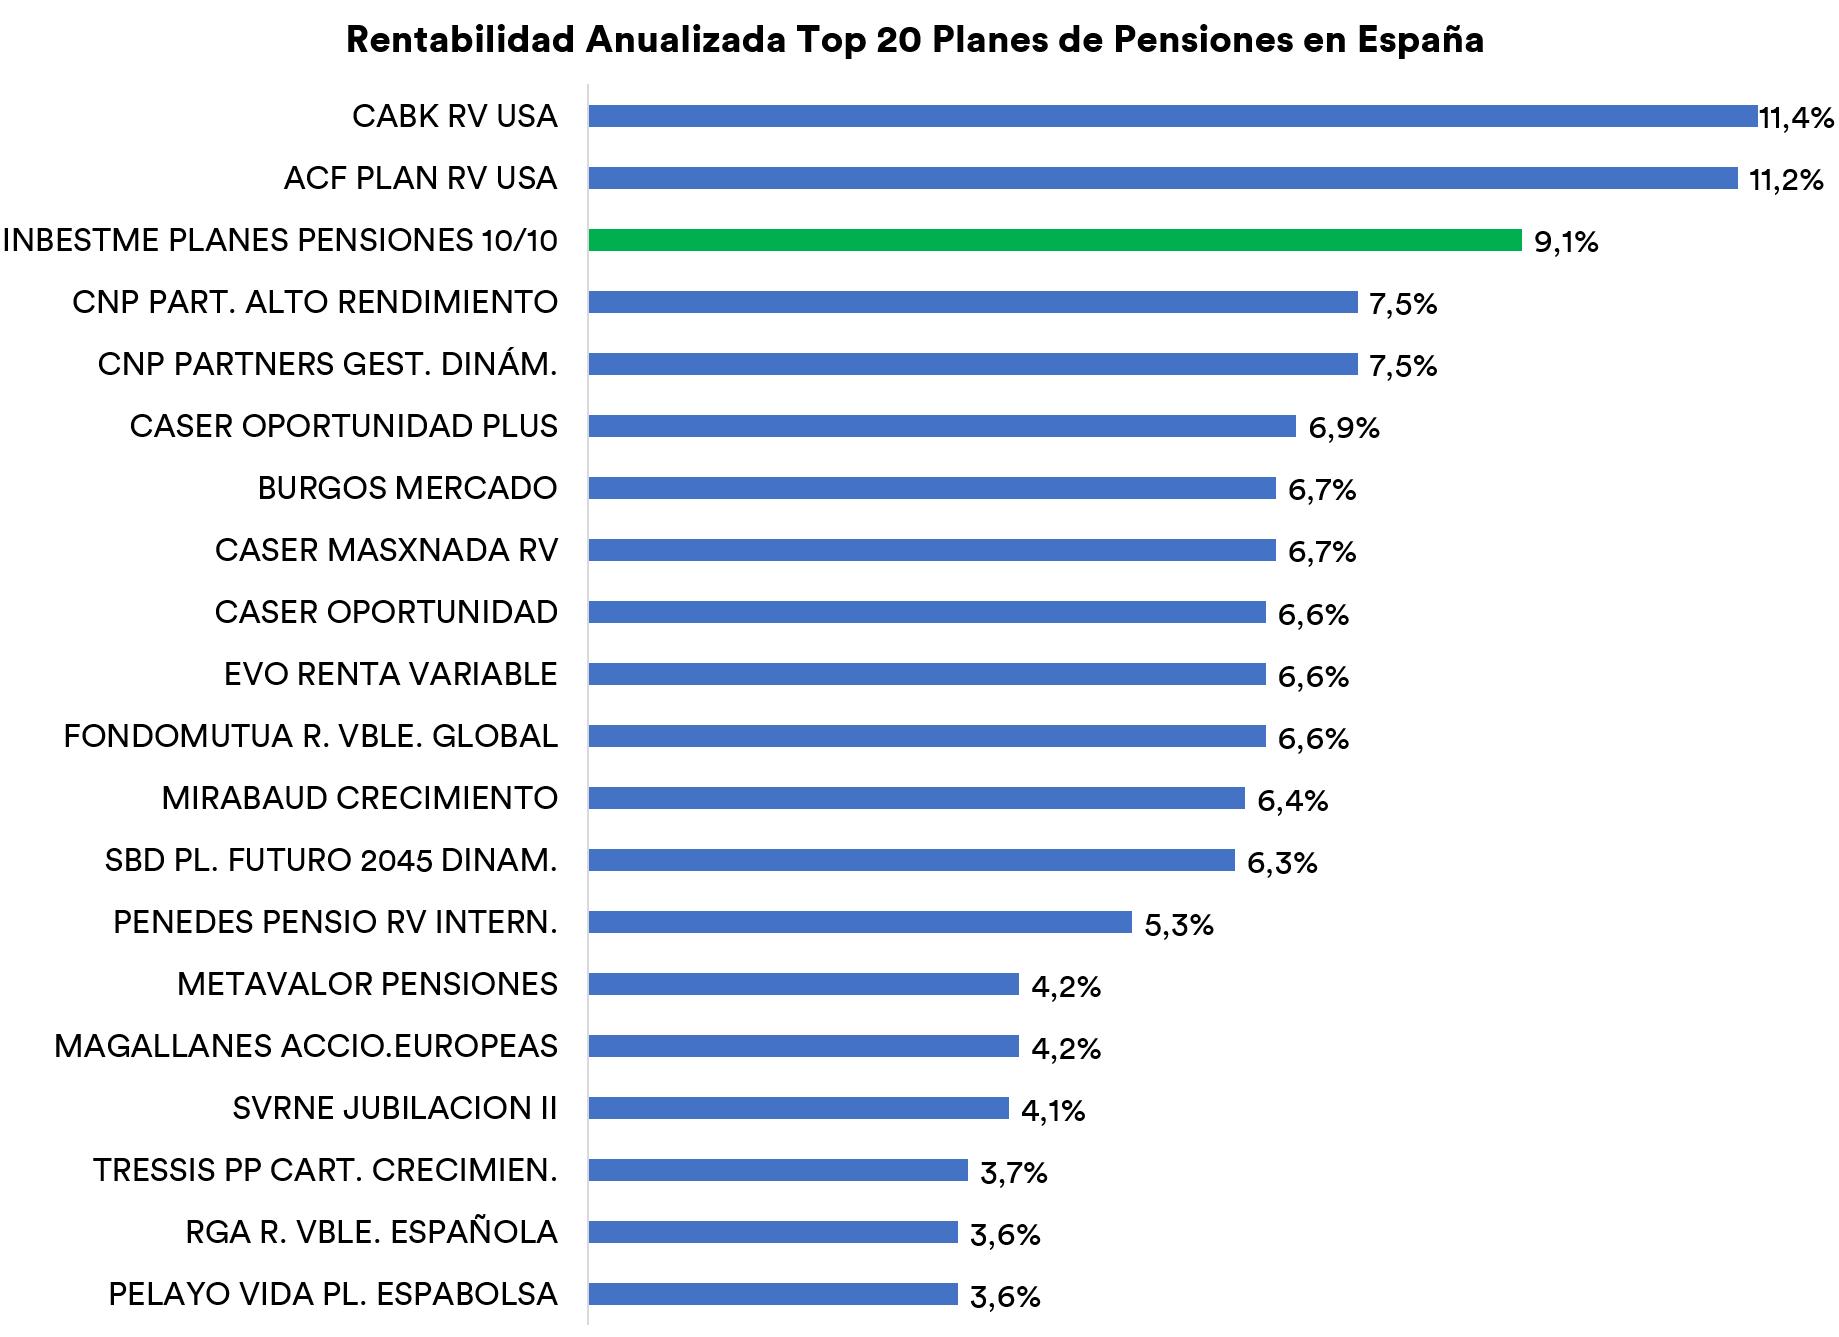 rentabilidad anualizada top 20 planes de pensiones